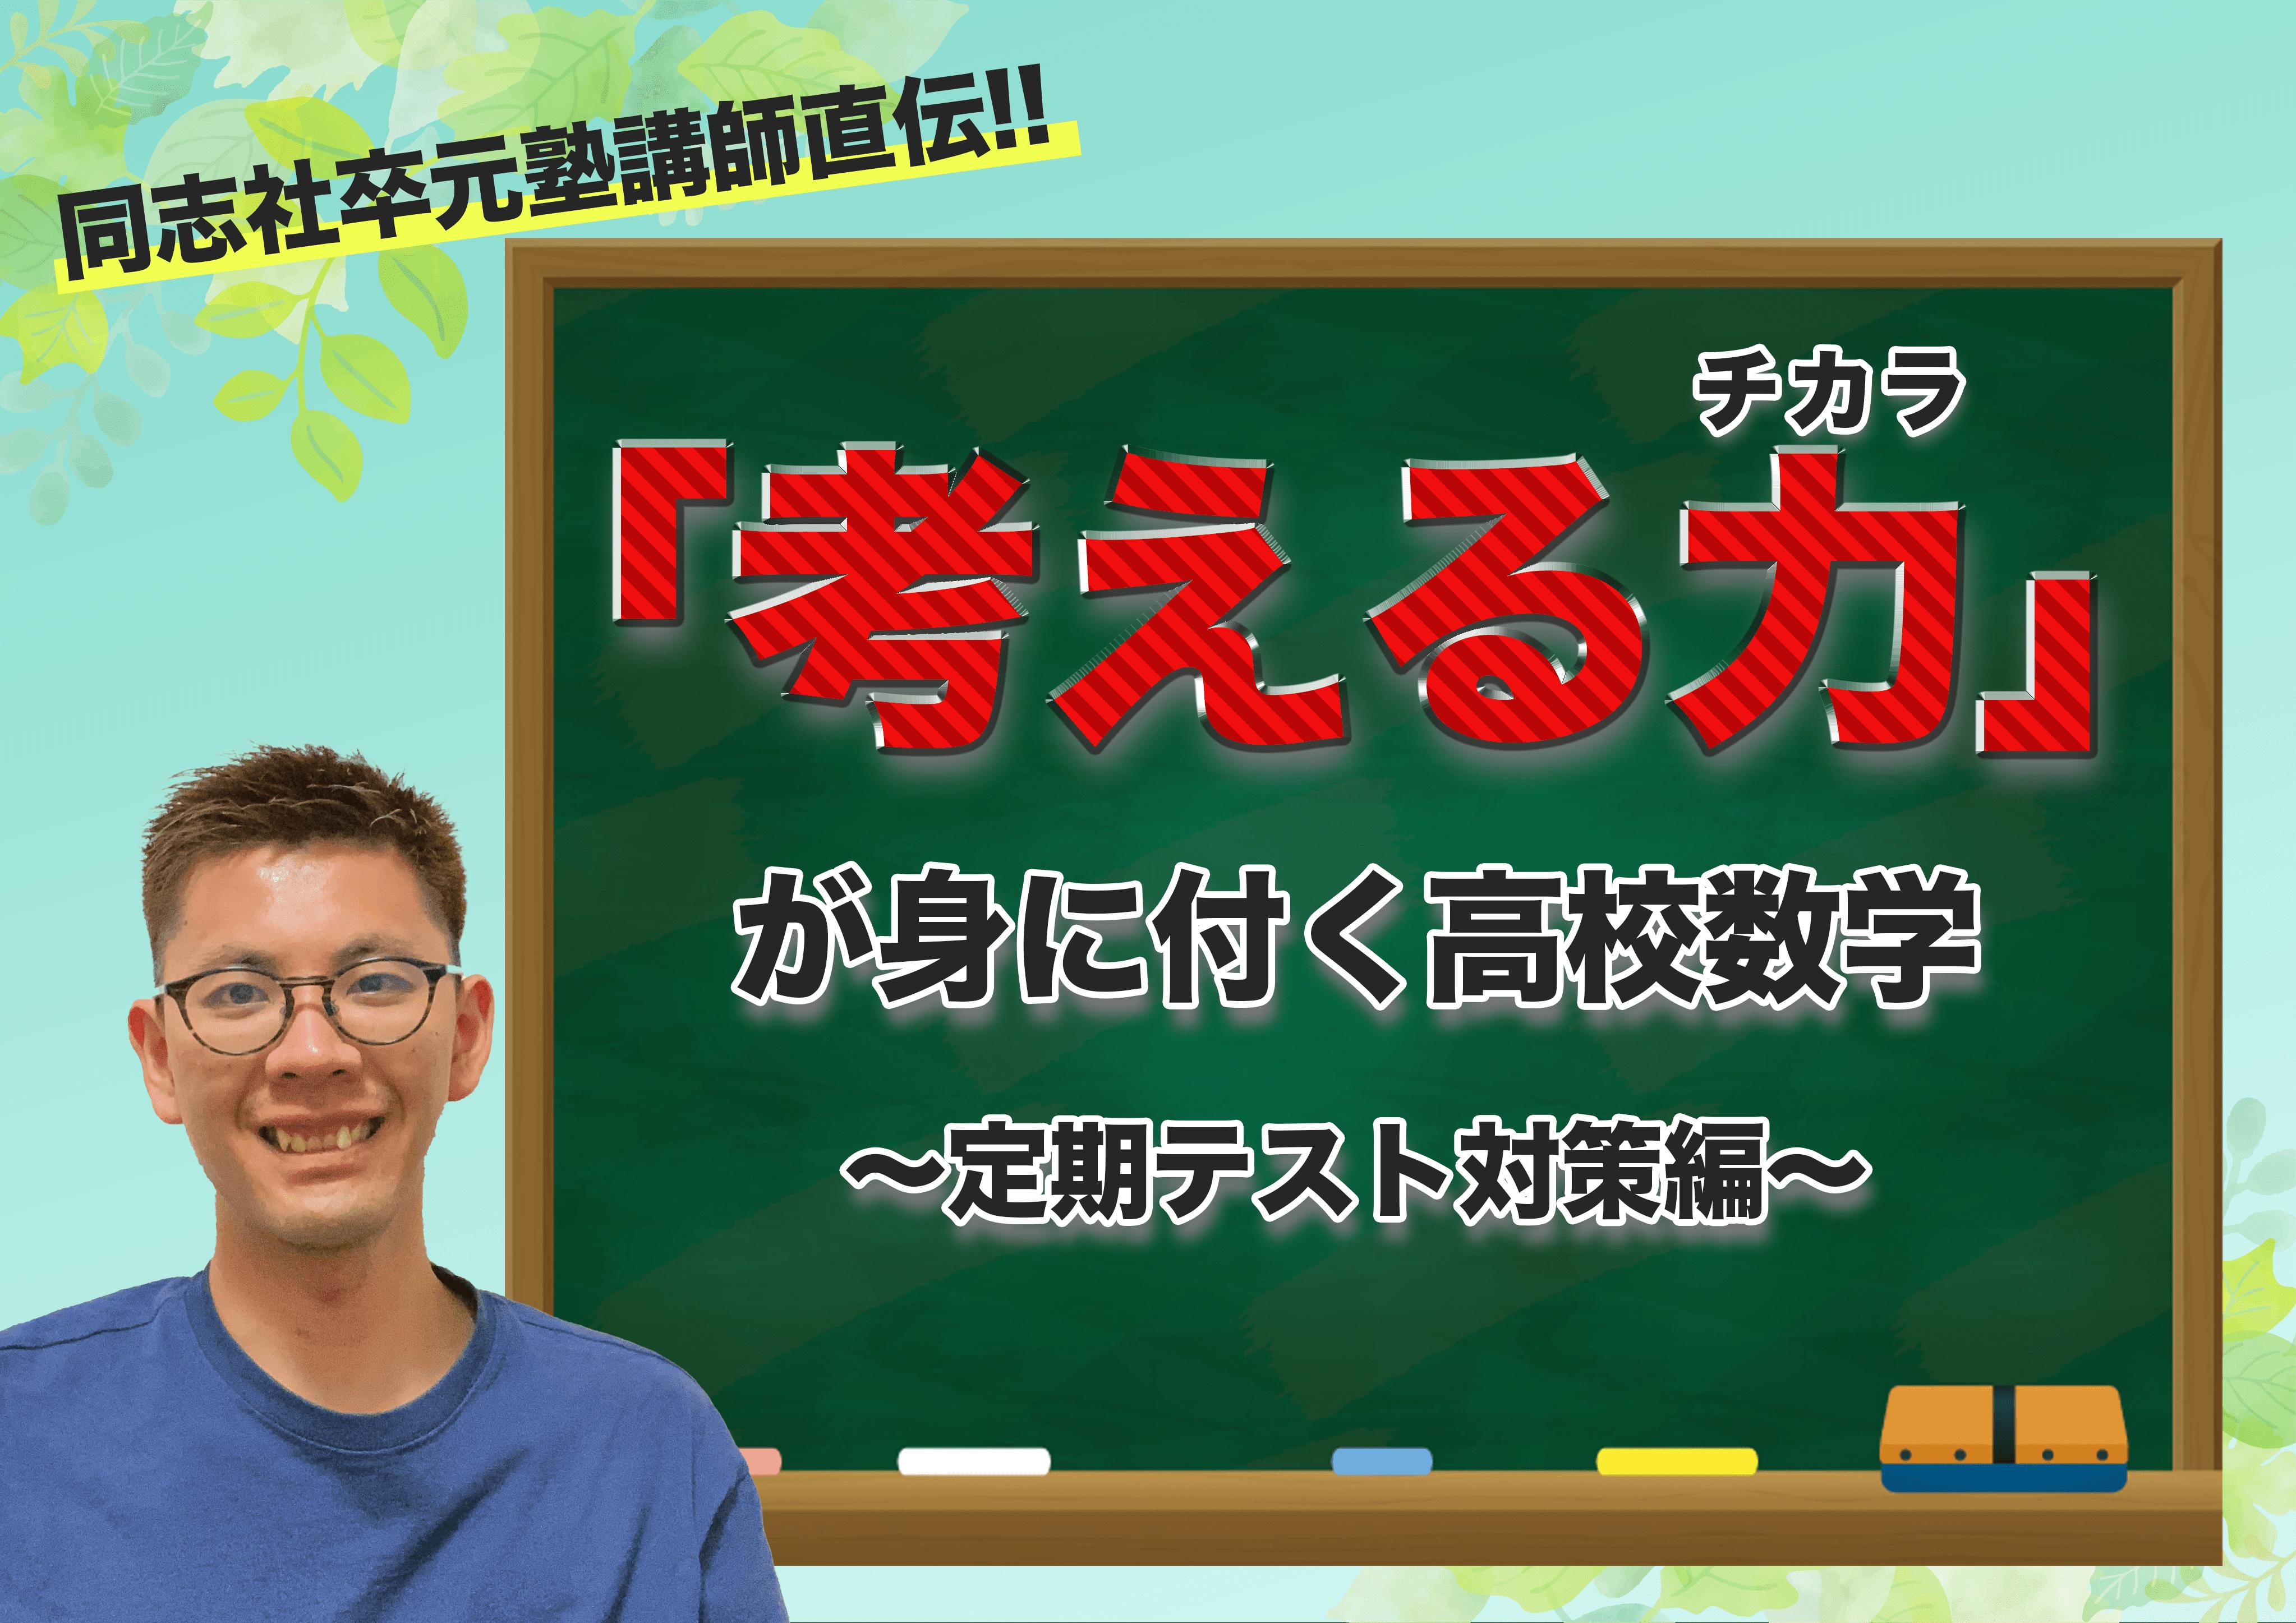 同志社卒元塾講師が教える「考える力」が身に付く算数〜中学受験編〜